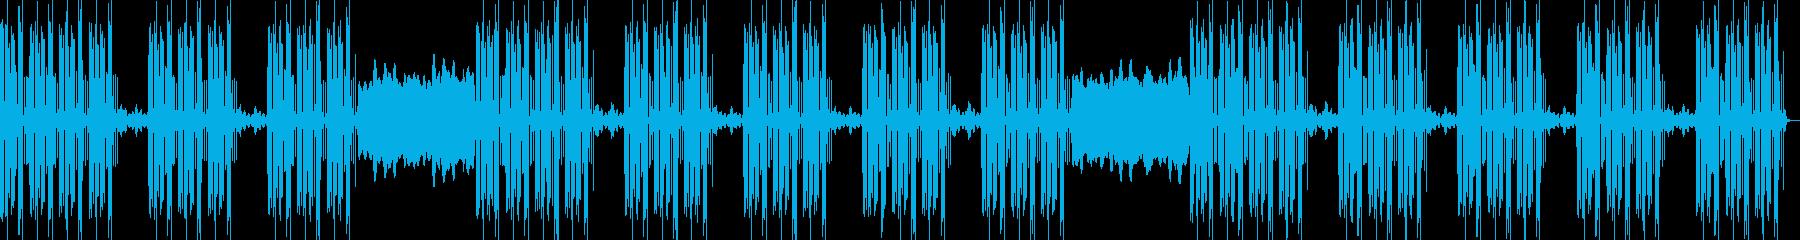 ドープな重低音トラップビートの再生済みの波形